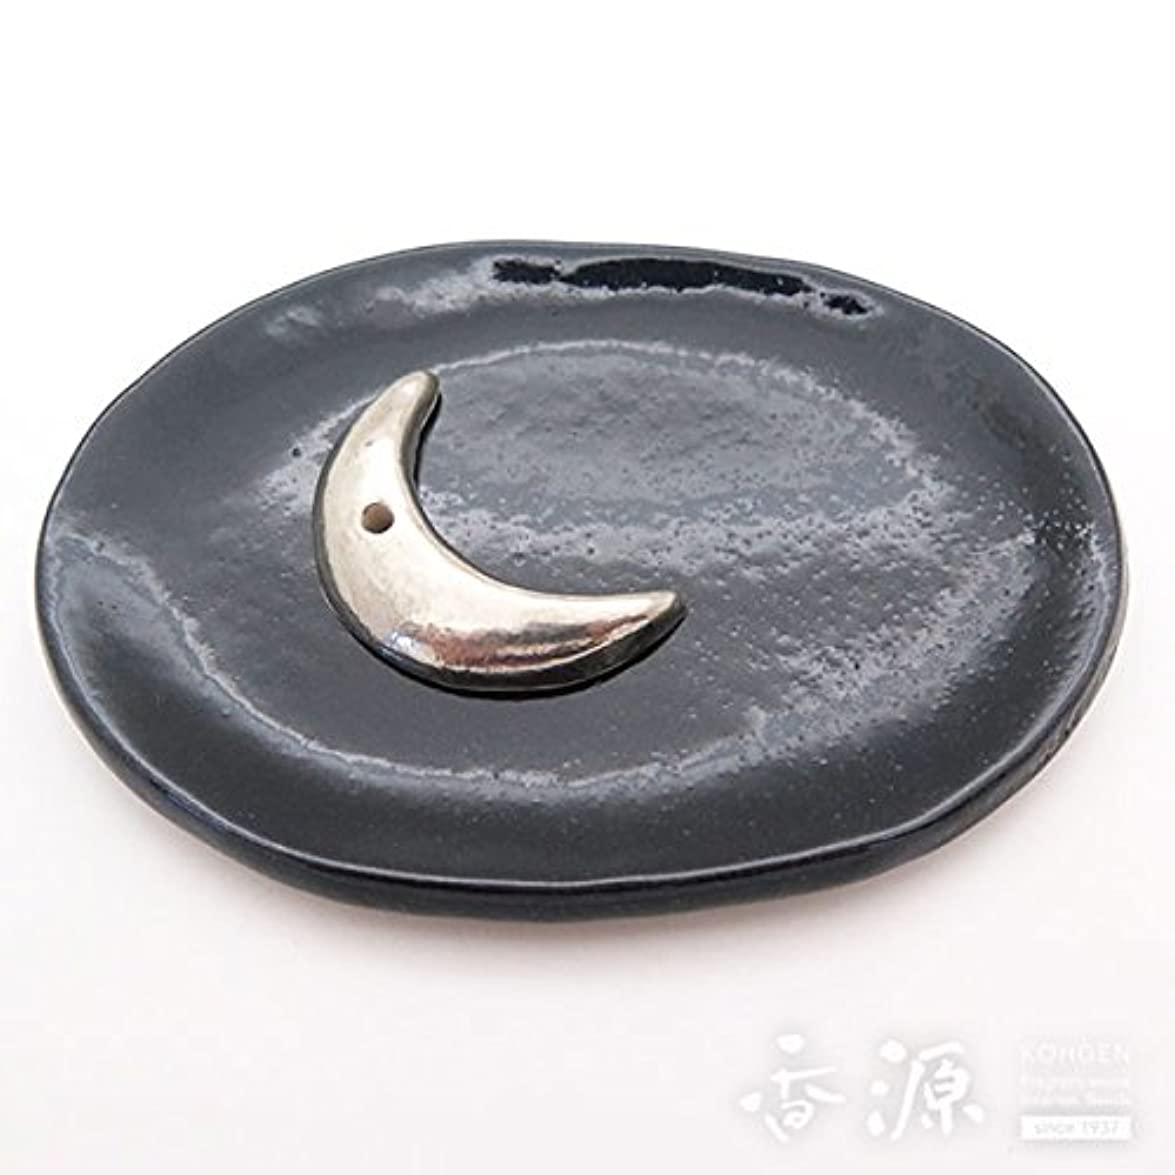 ハーブ実際に好色な京焼 香立?香皿セット 夜空(銀)セット